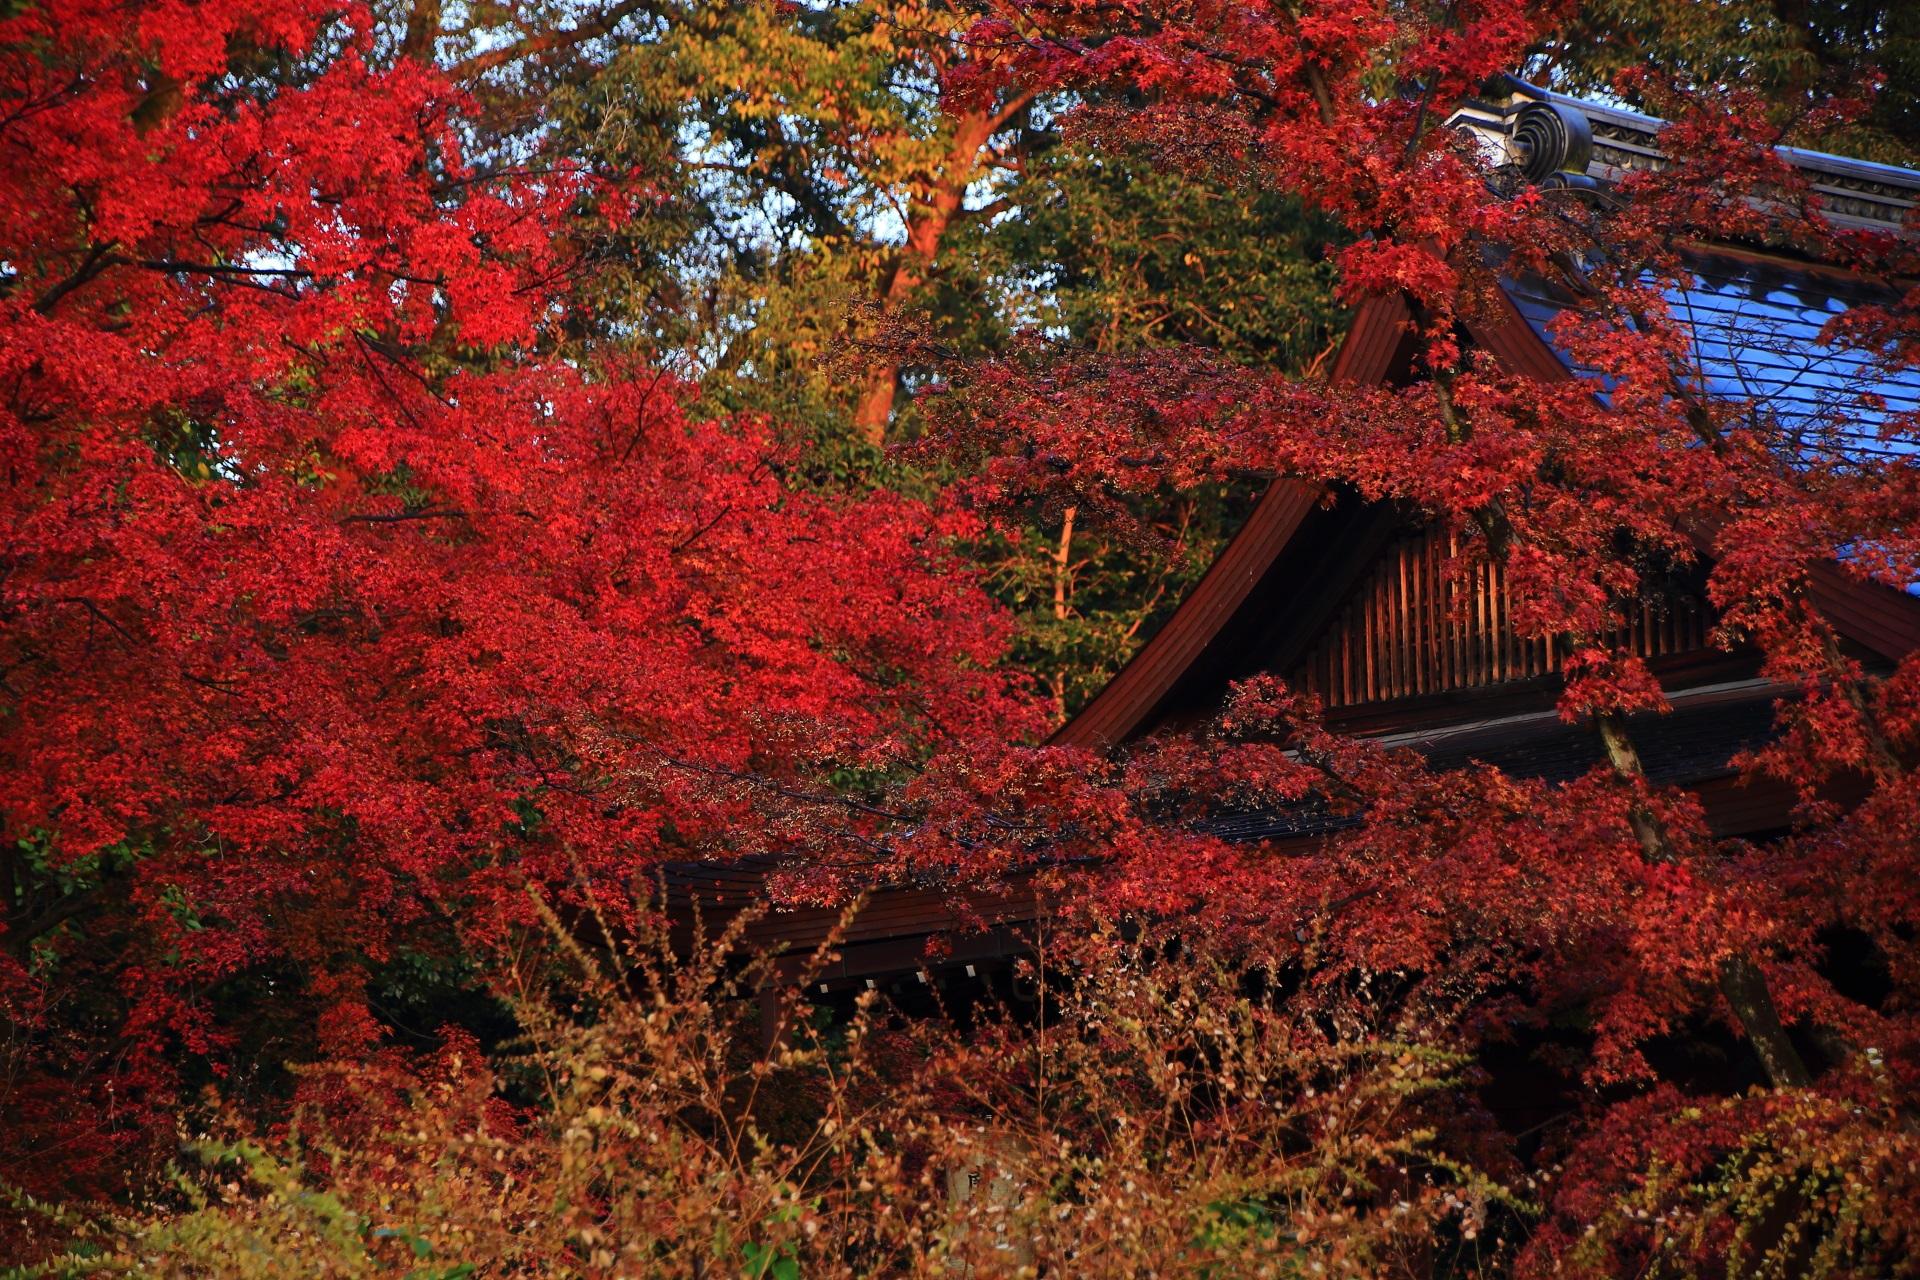 拝殿を染める燃えるような真っ赤な紅葉